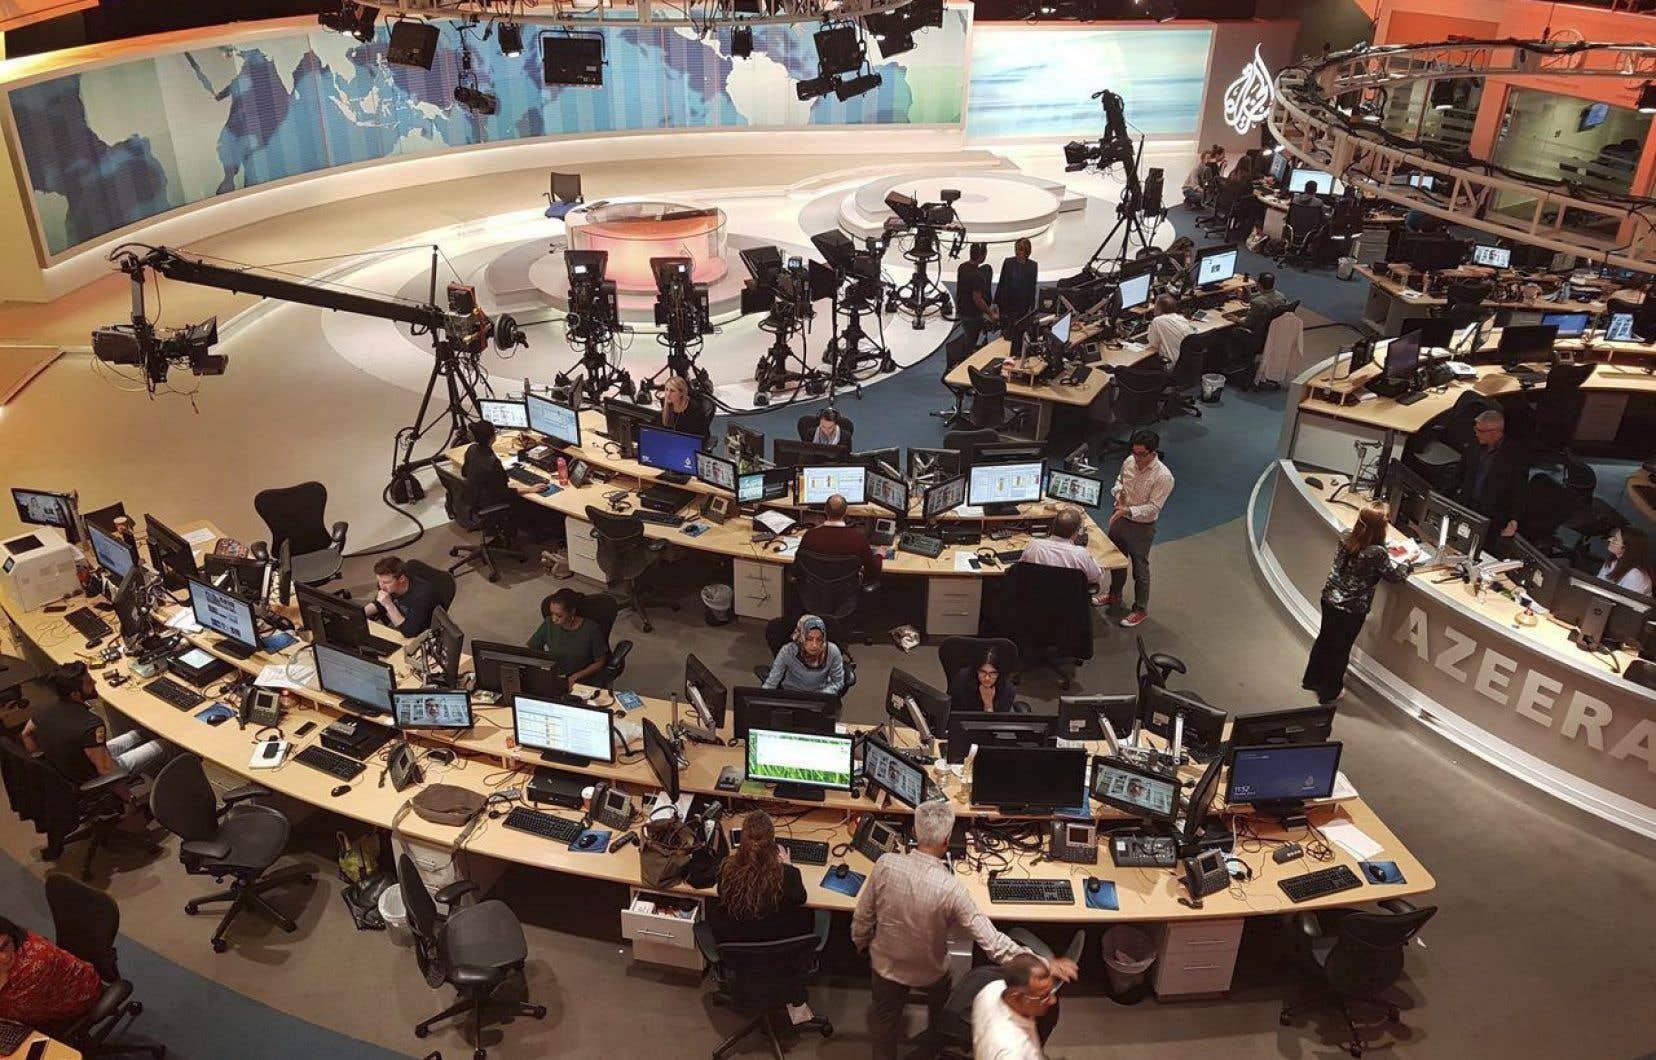 En 1996, la création de la chaîne d'information Al-Jazira fut un tournant majeur dans les relations entre le Qatar et l'Arabie saoudite.